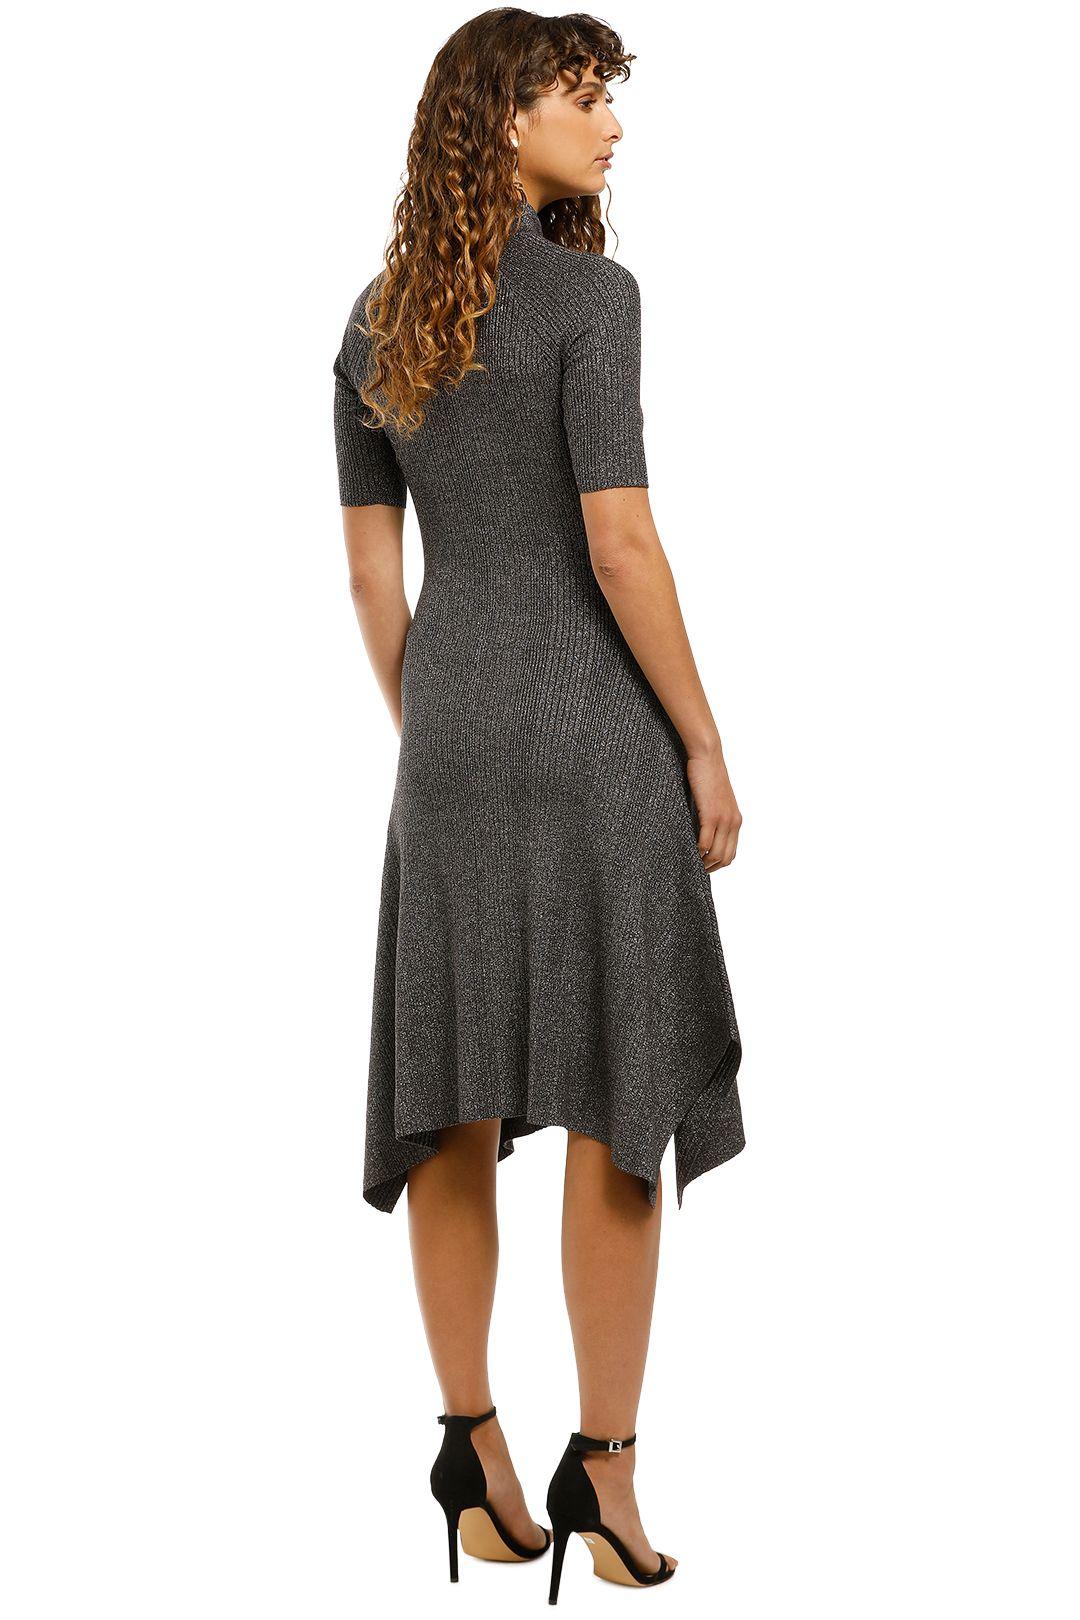 Husk-Glitter-Knit-Dress-Grey-Back